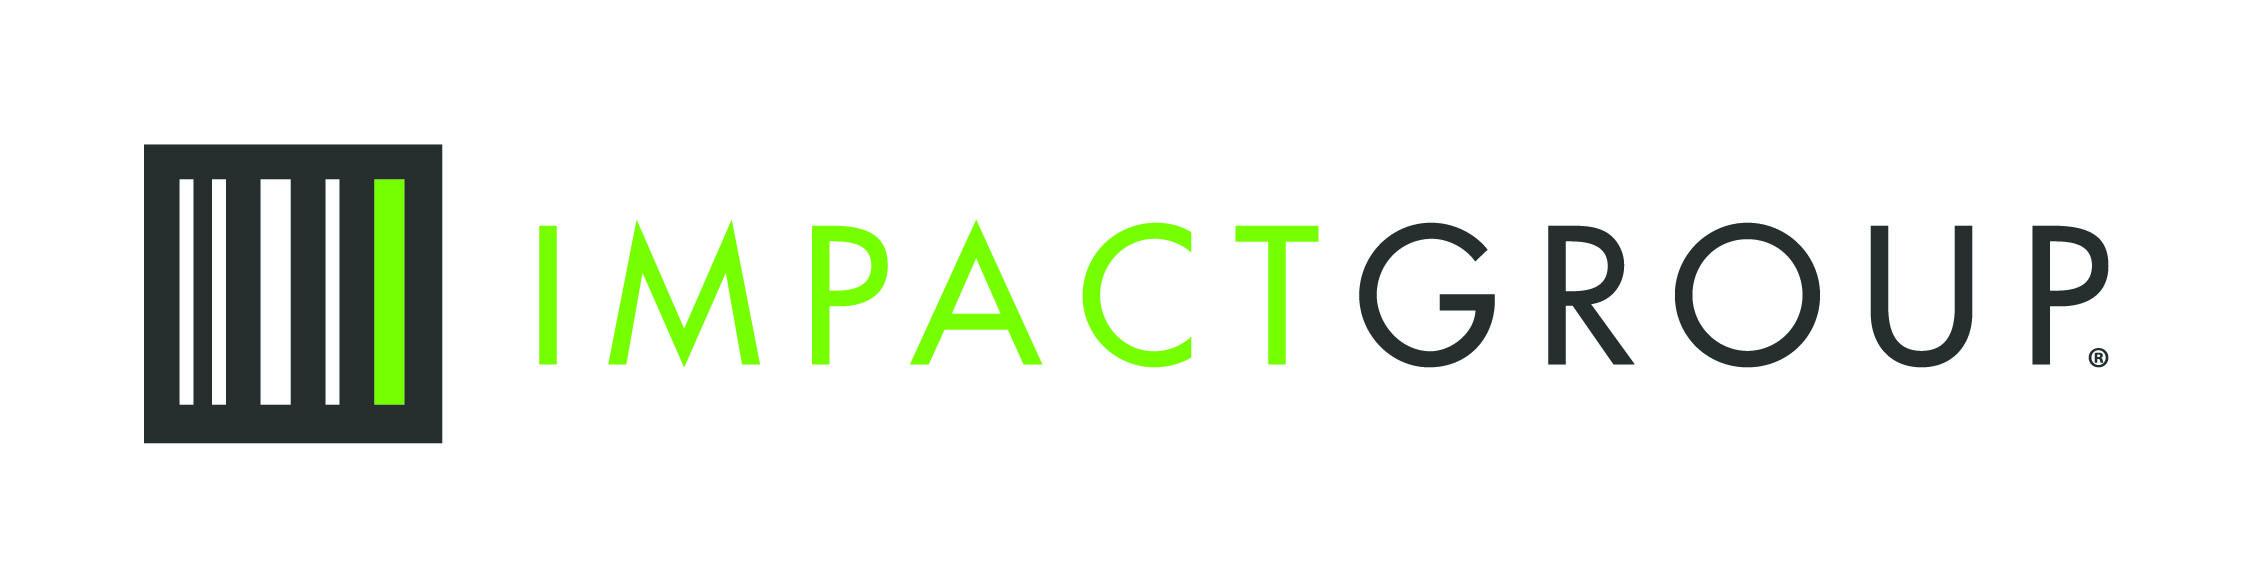 ImpactGroup_Logo_cmyk